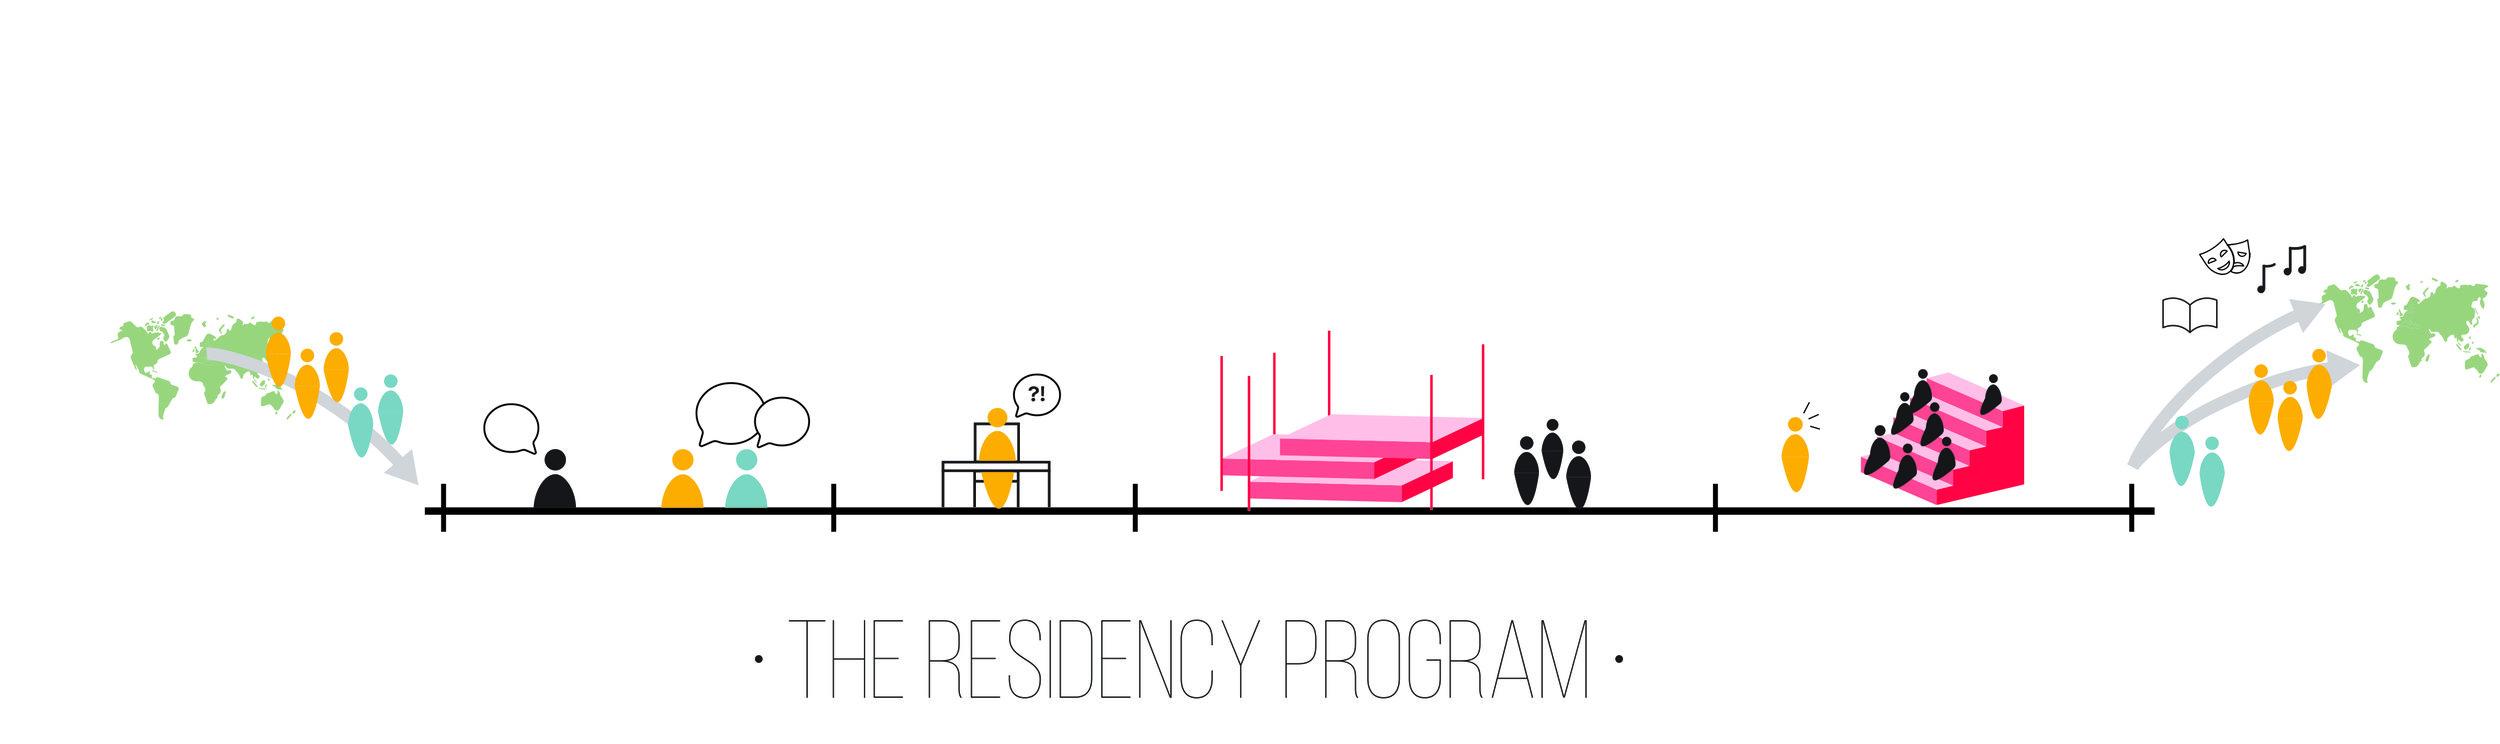 residency program.jpg